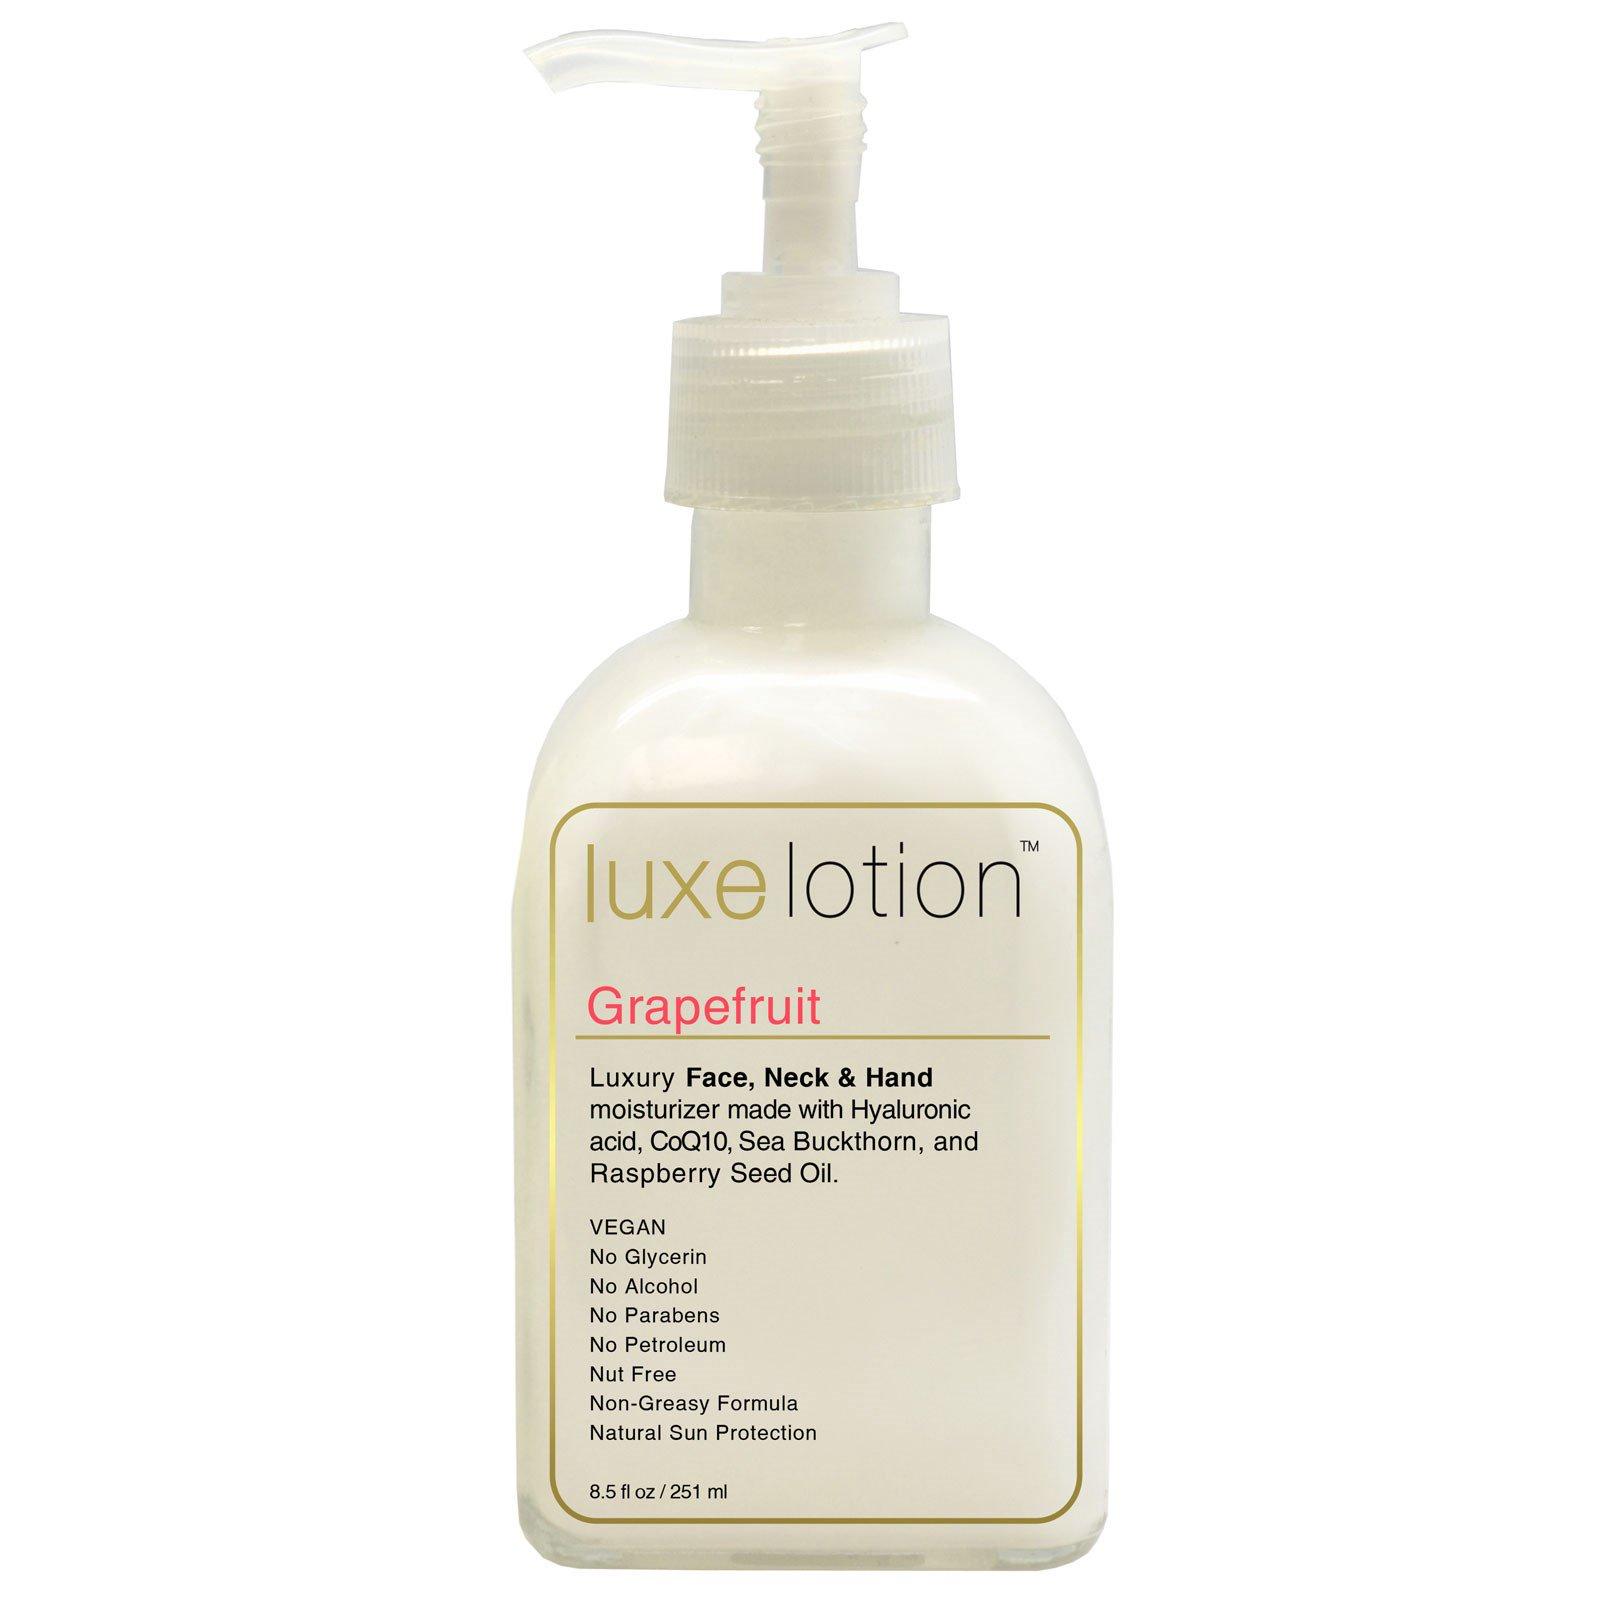 LuxeBeauty, Luxe Lotion, Luxury Face, Body, & Hand Moisturizer, Grapefruit, 8.5 fl oz (251 ml)